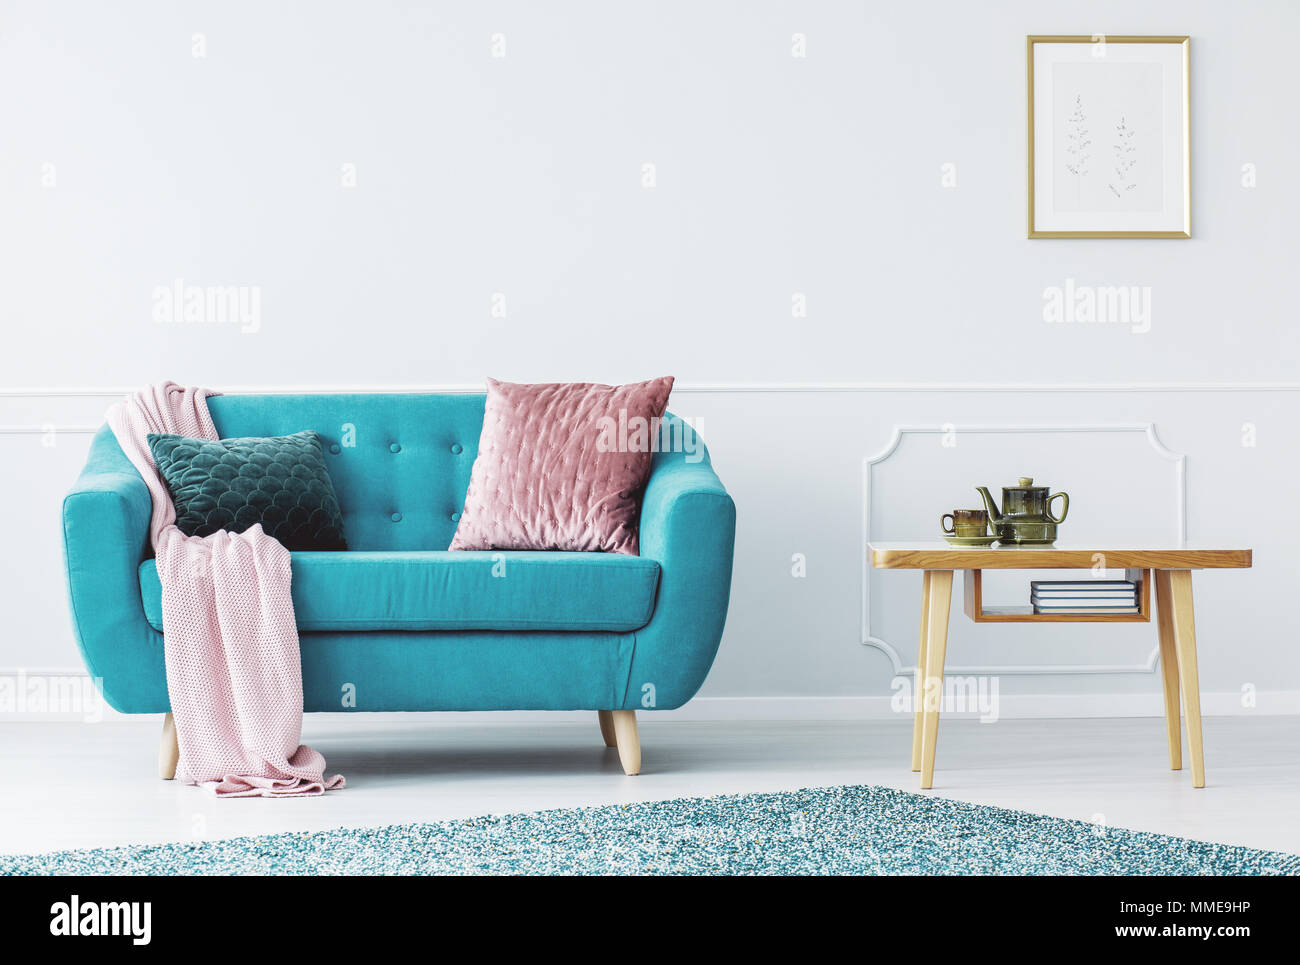 Canape Bleu Avec Couverture Rose Pastel Et Deux Oreillers Debout